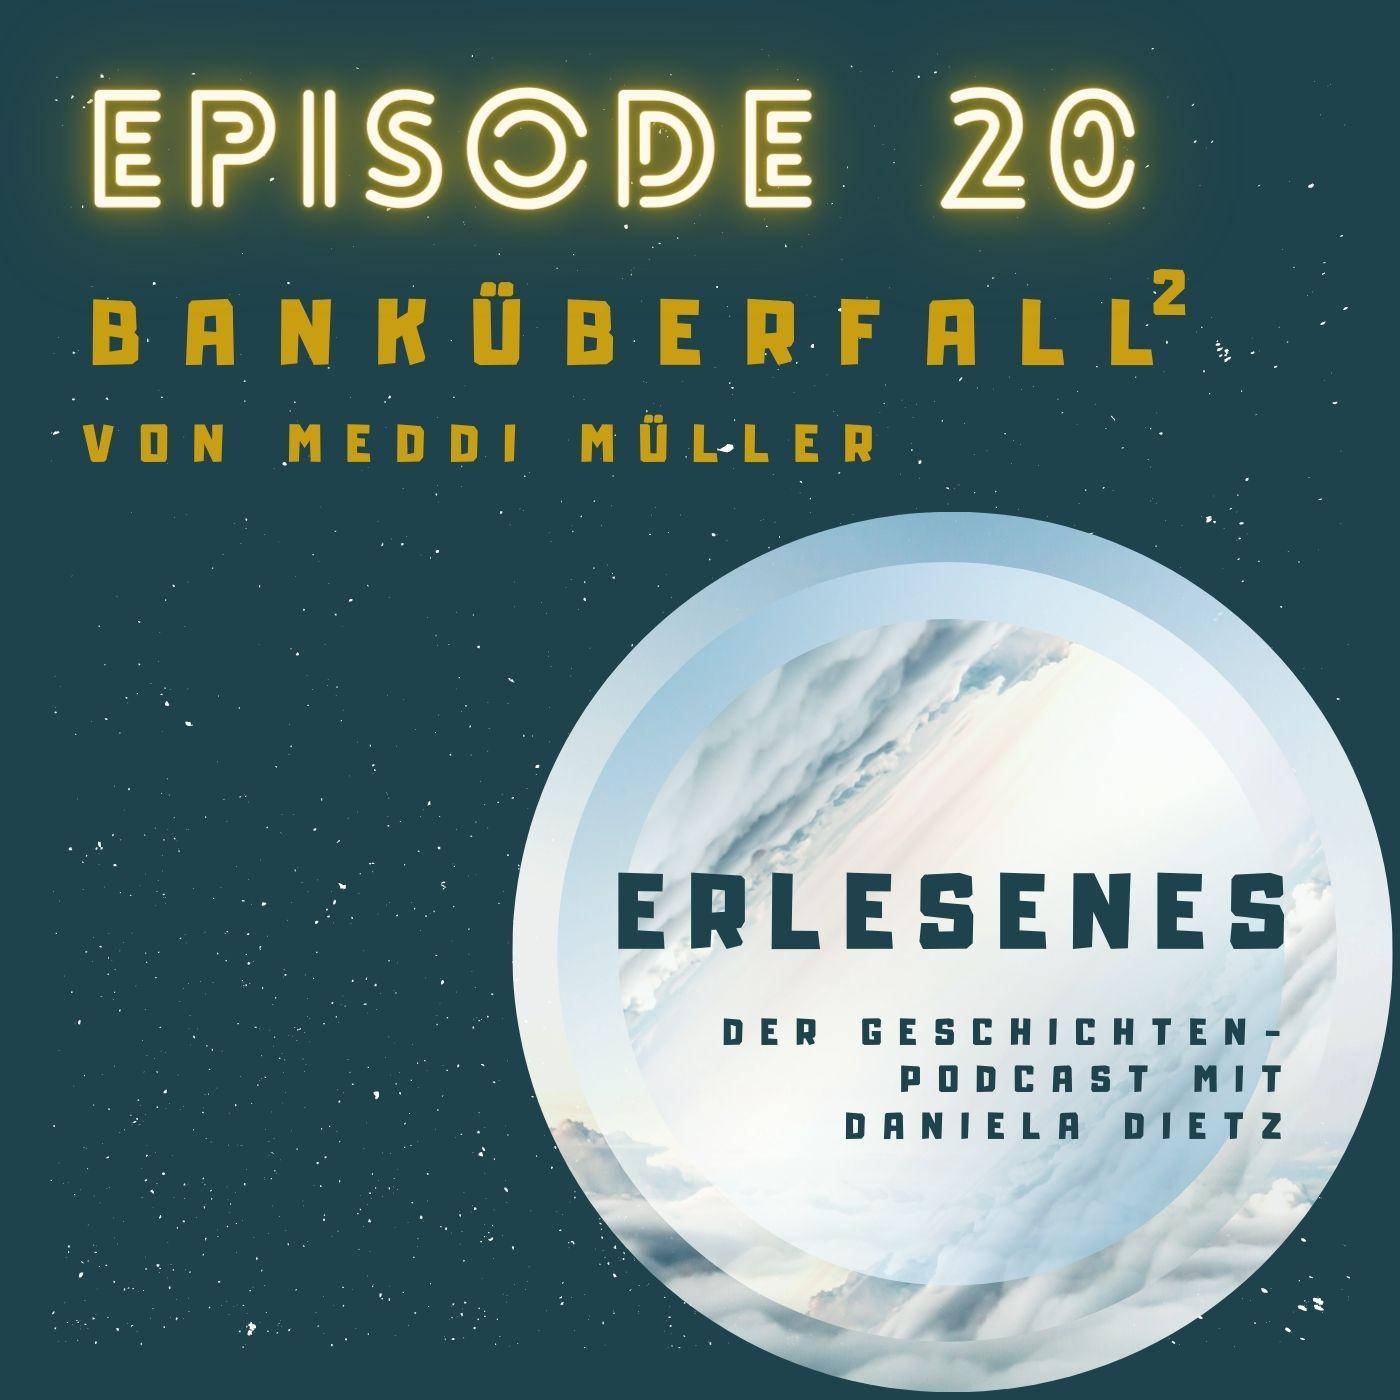 Episode 20: Banküberfall hoch2 von Meddi Müller